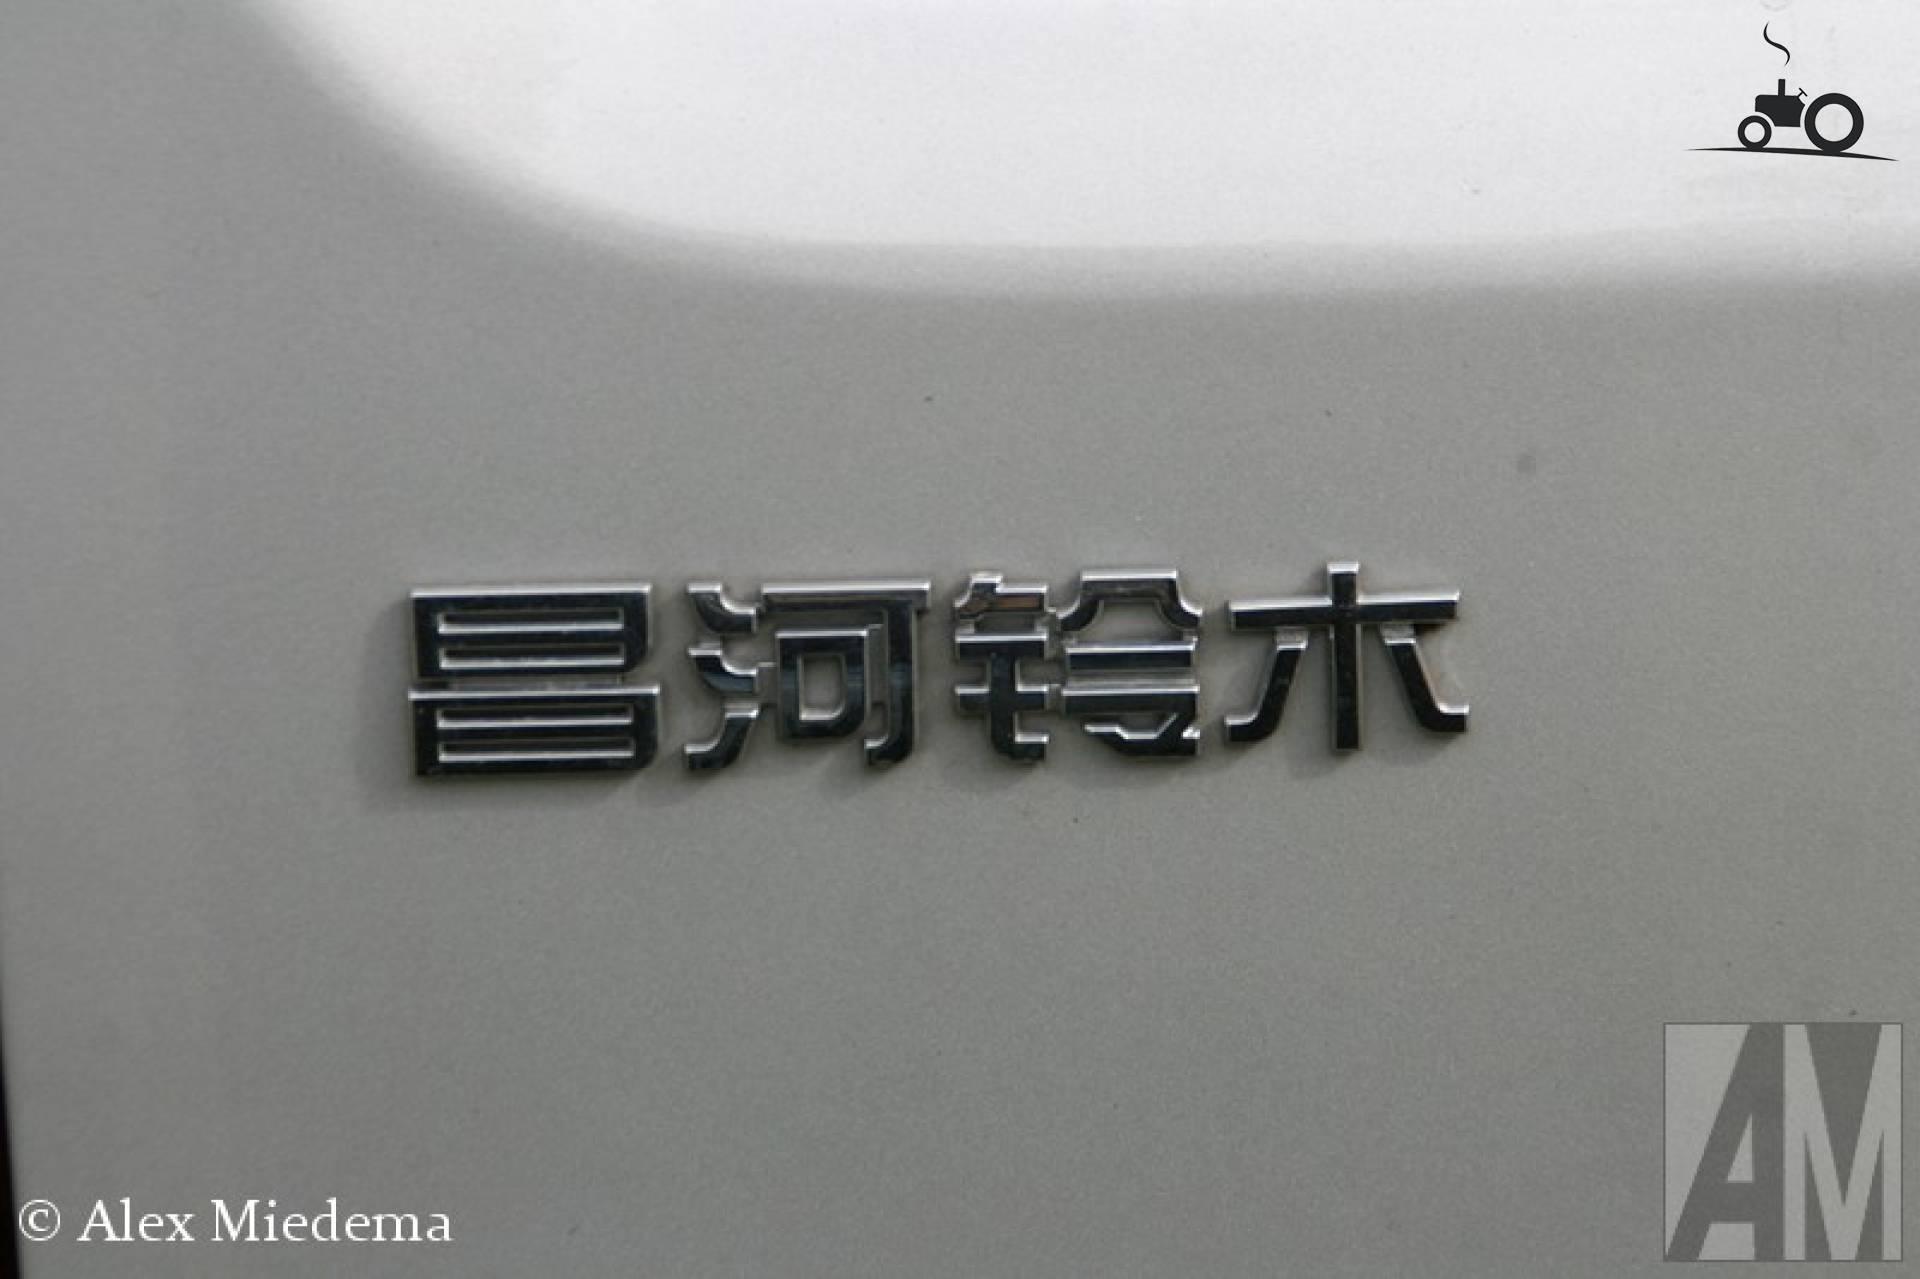 Changhe logo